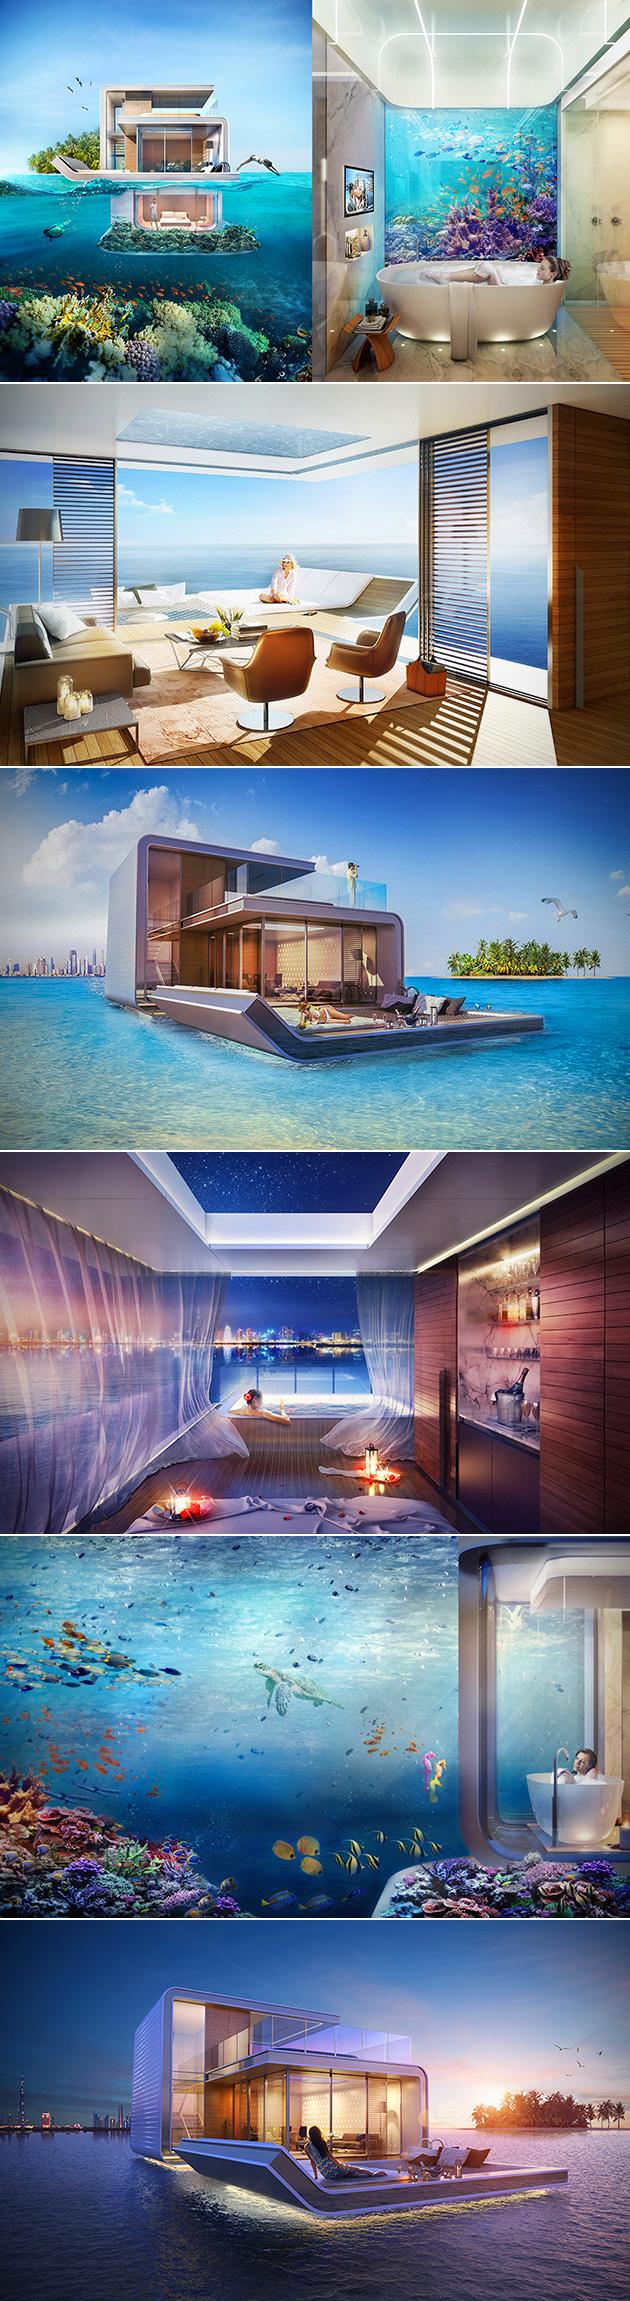 Floating Villa Underwater Bedroom